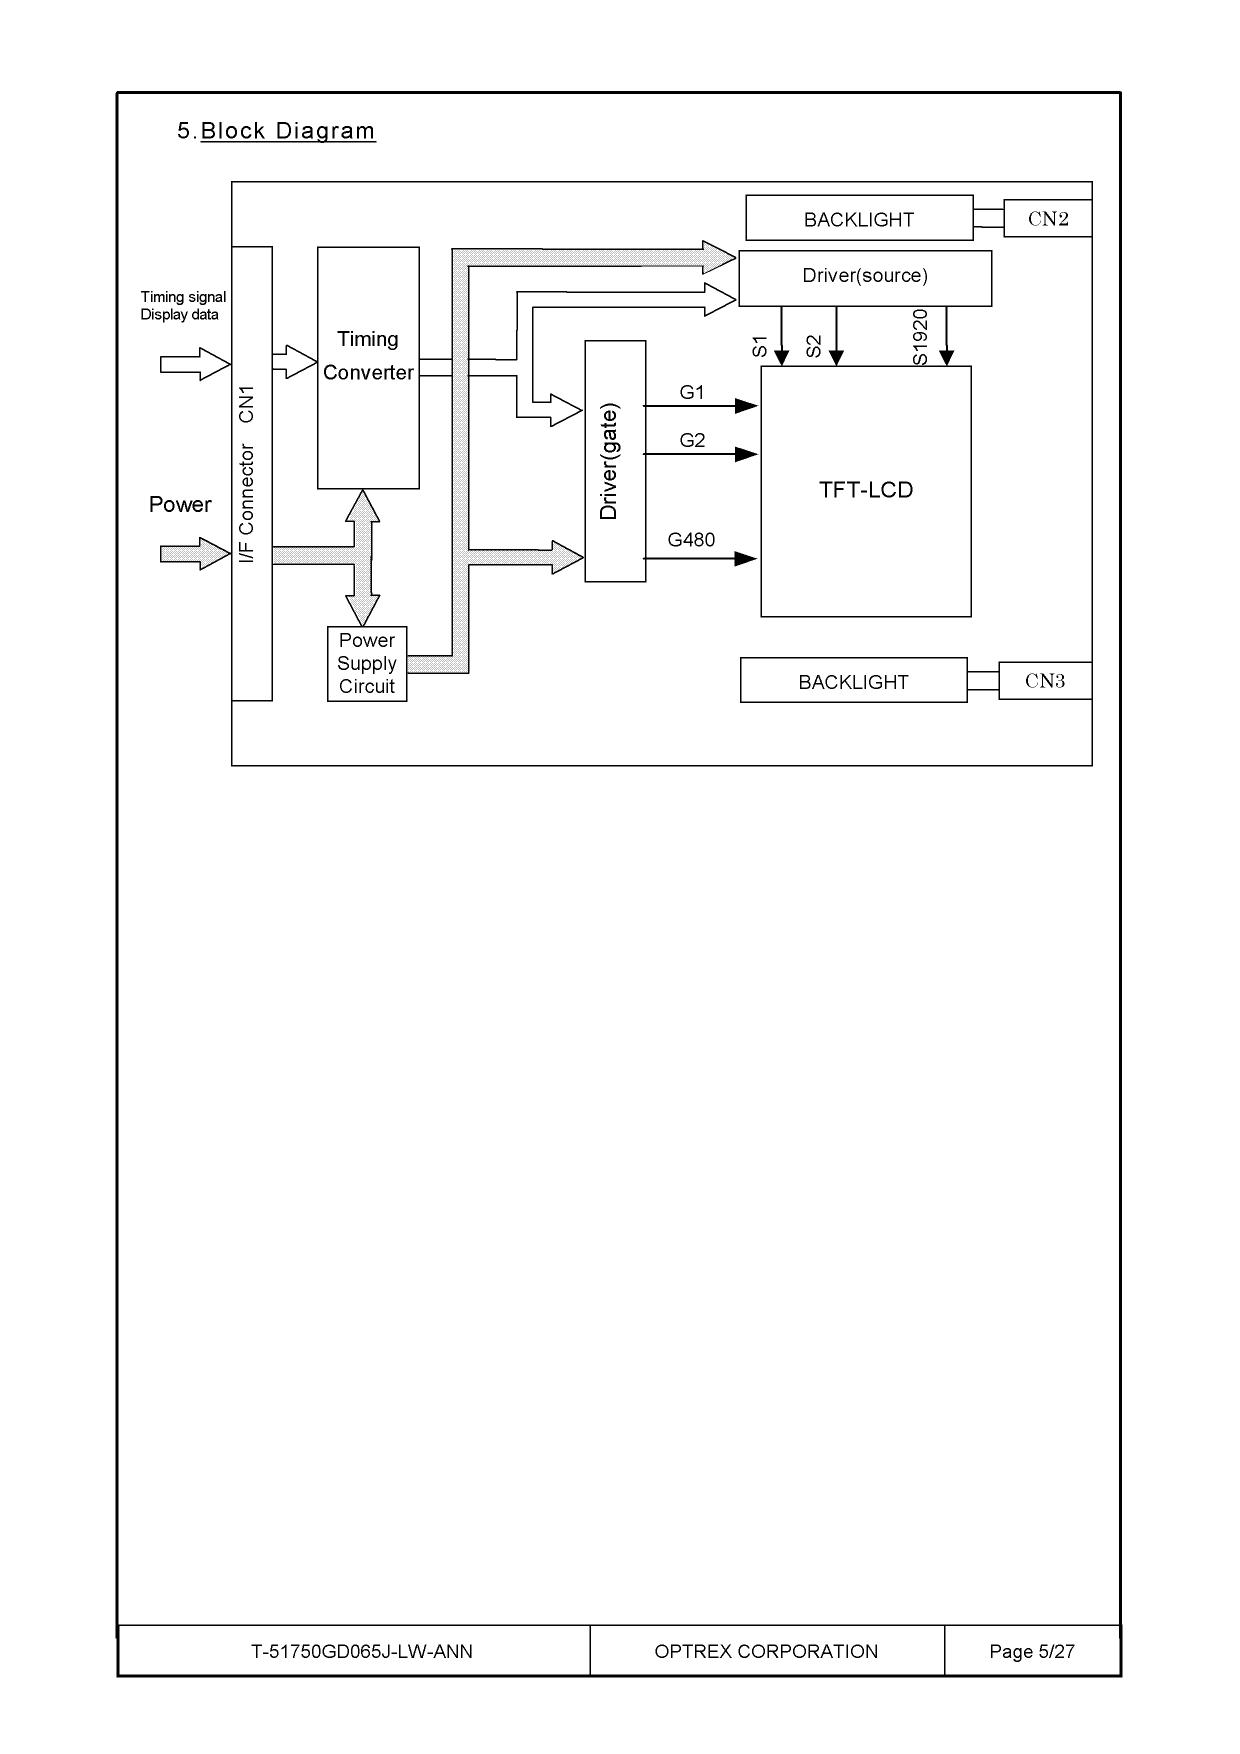 T-51750GD065J-LW-ANN pdf